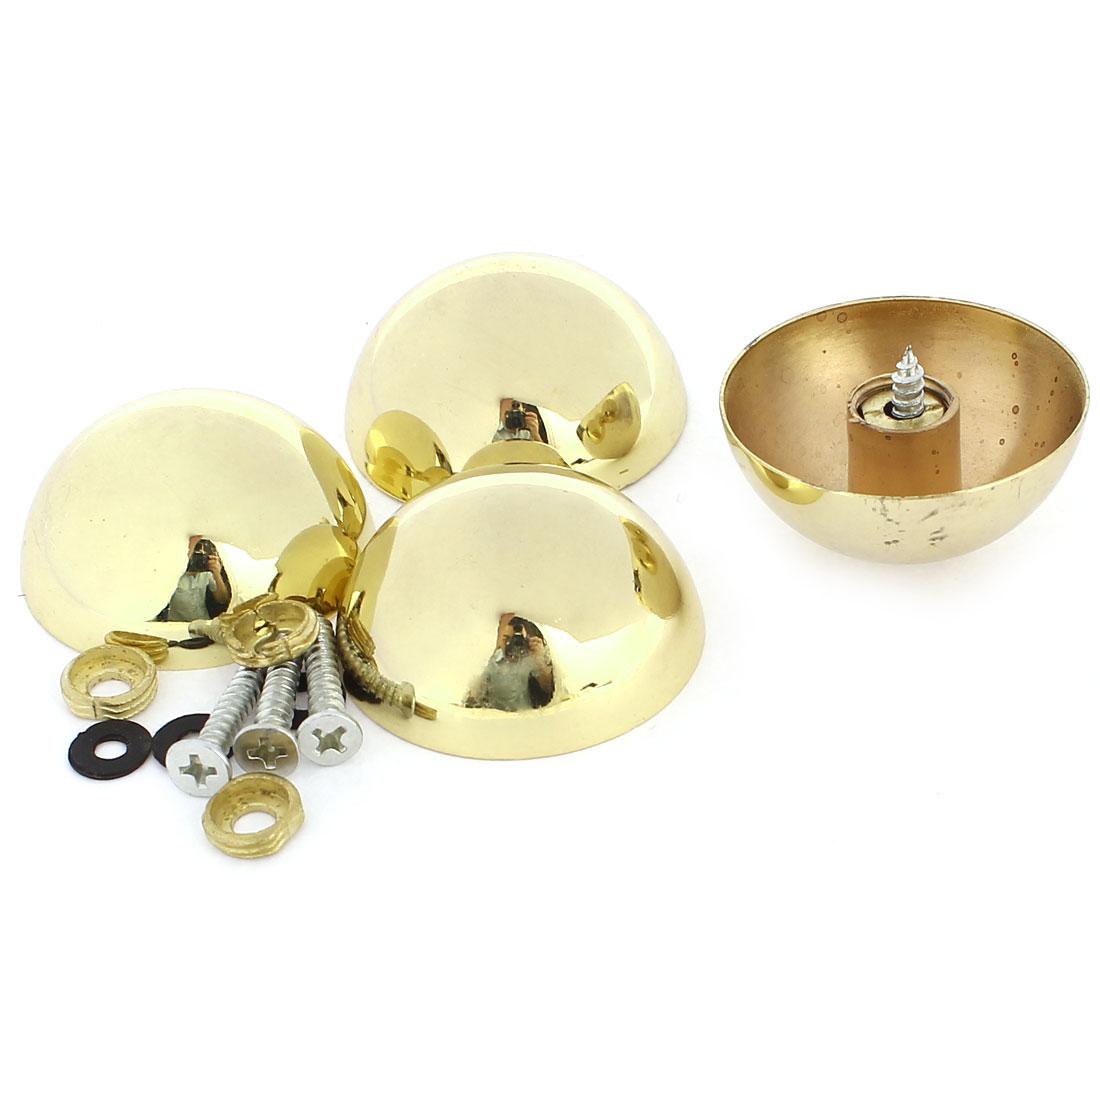 4 Pcs 37mm Dia 16mm Height Zinc Alloy Glass Mirror Screw Cap Gold Tone